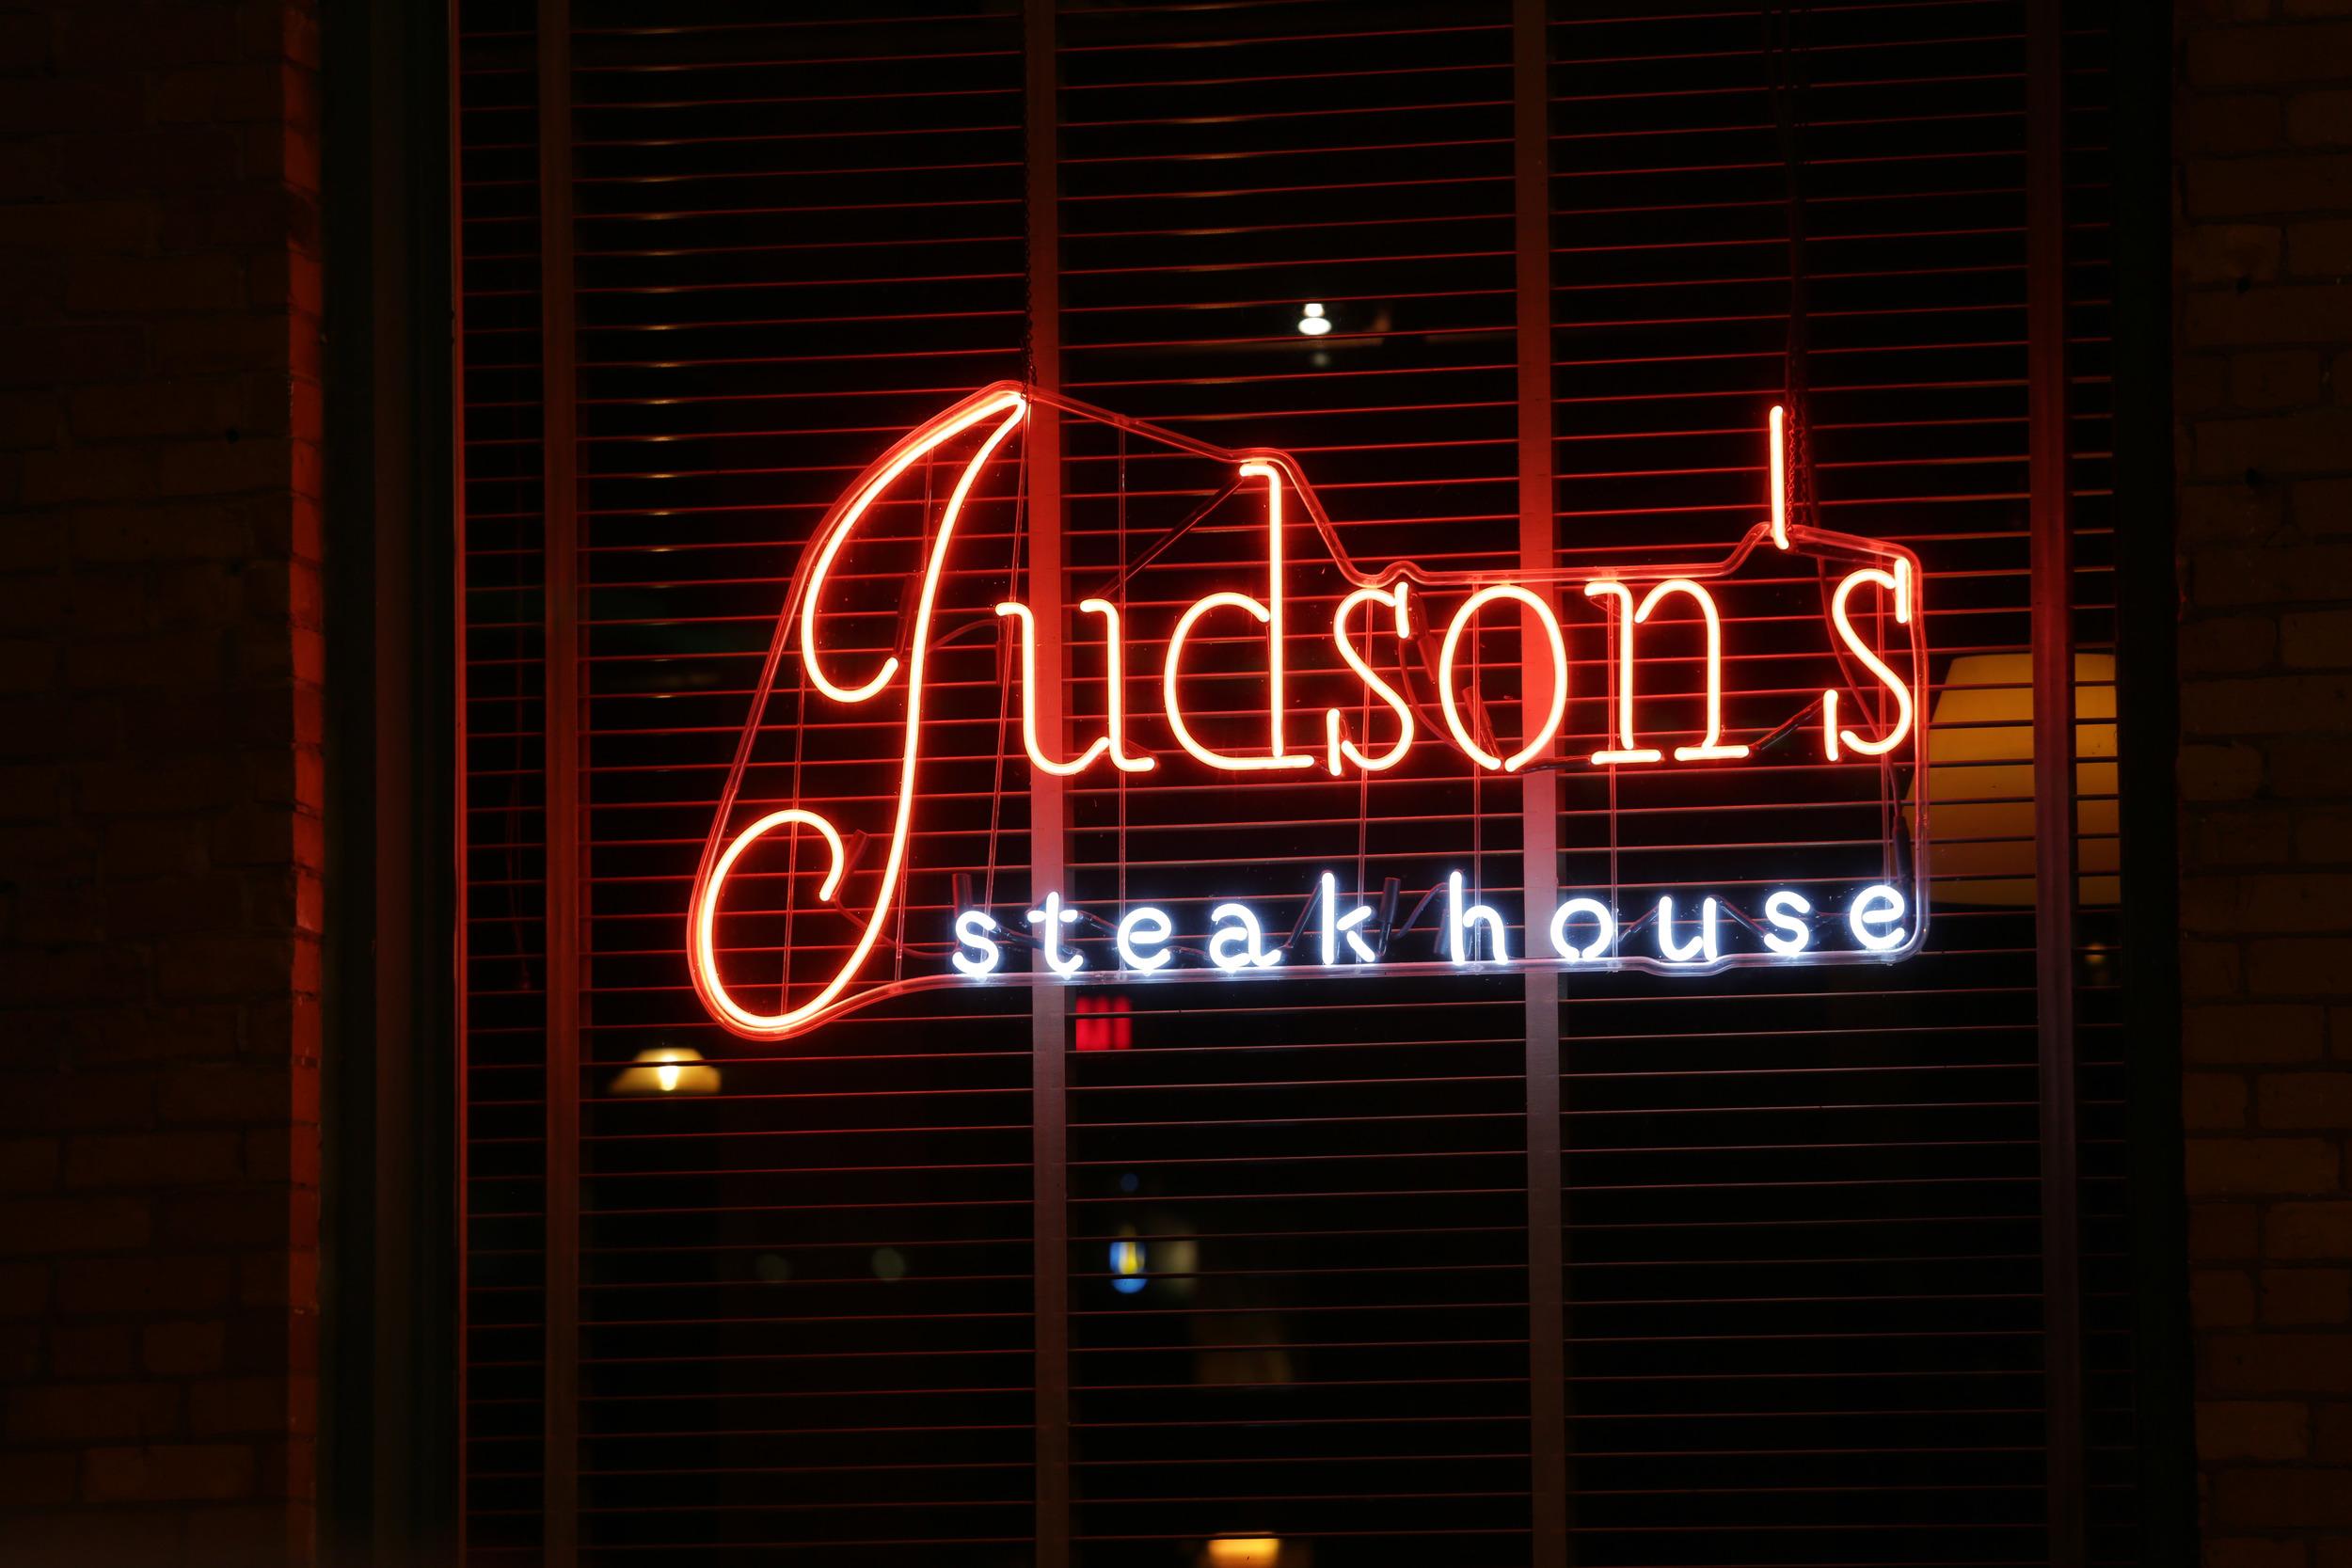 judson0W9A0180.jpg